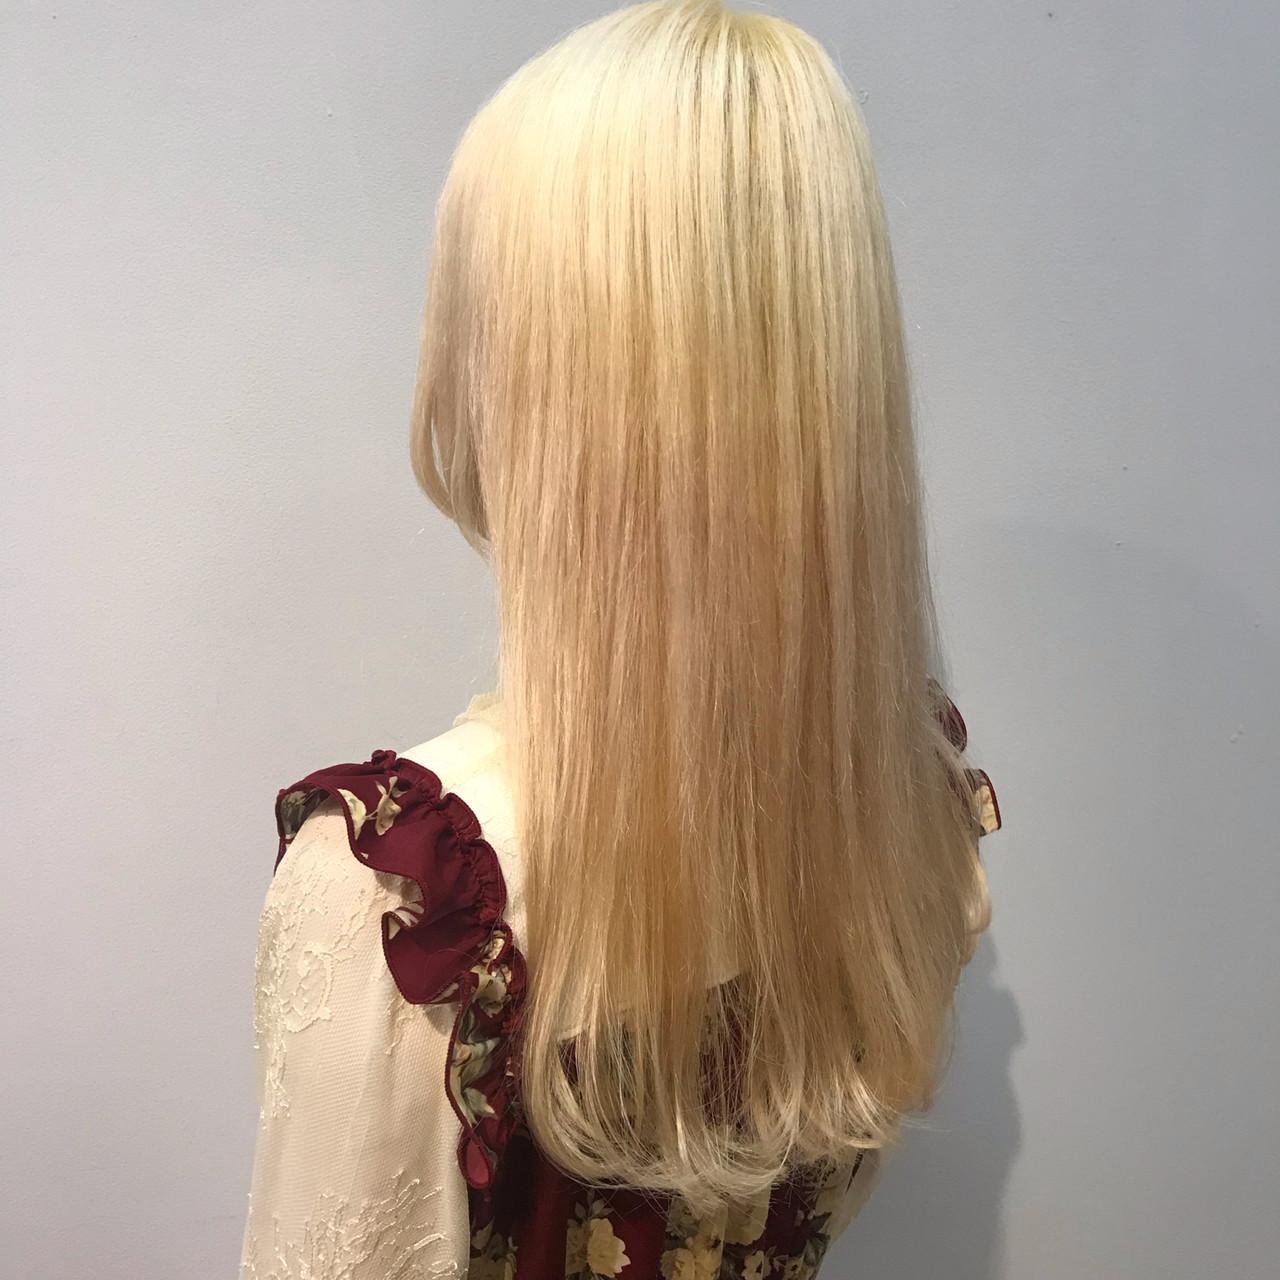 韓国ヘア 韓国 金髪 ロング ヘアスタイルや髪型の写真・画像